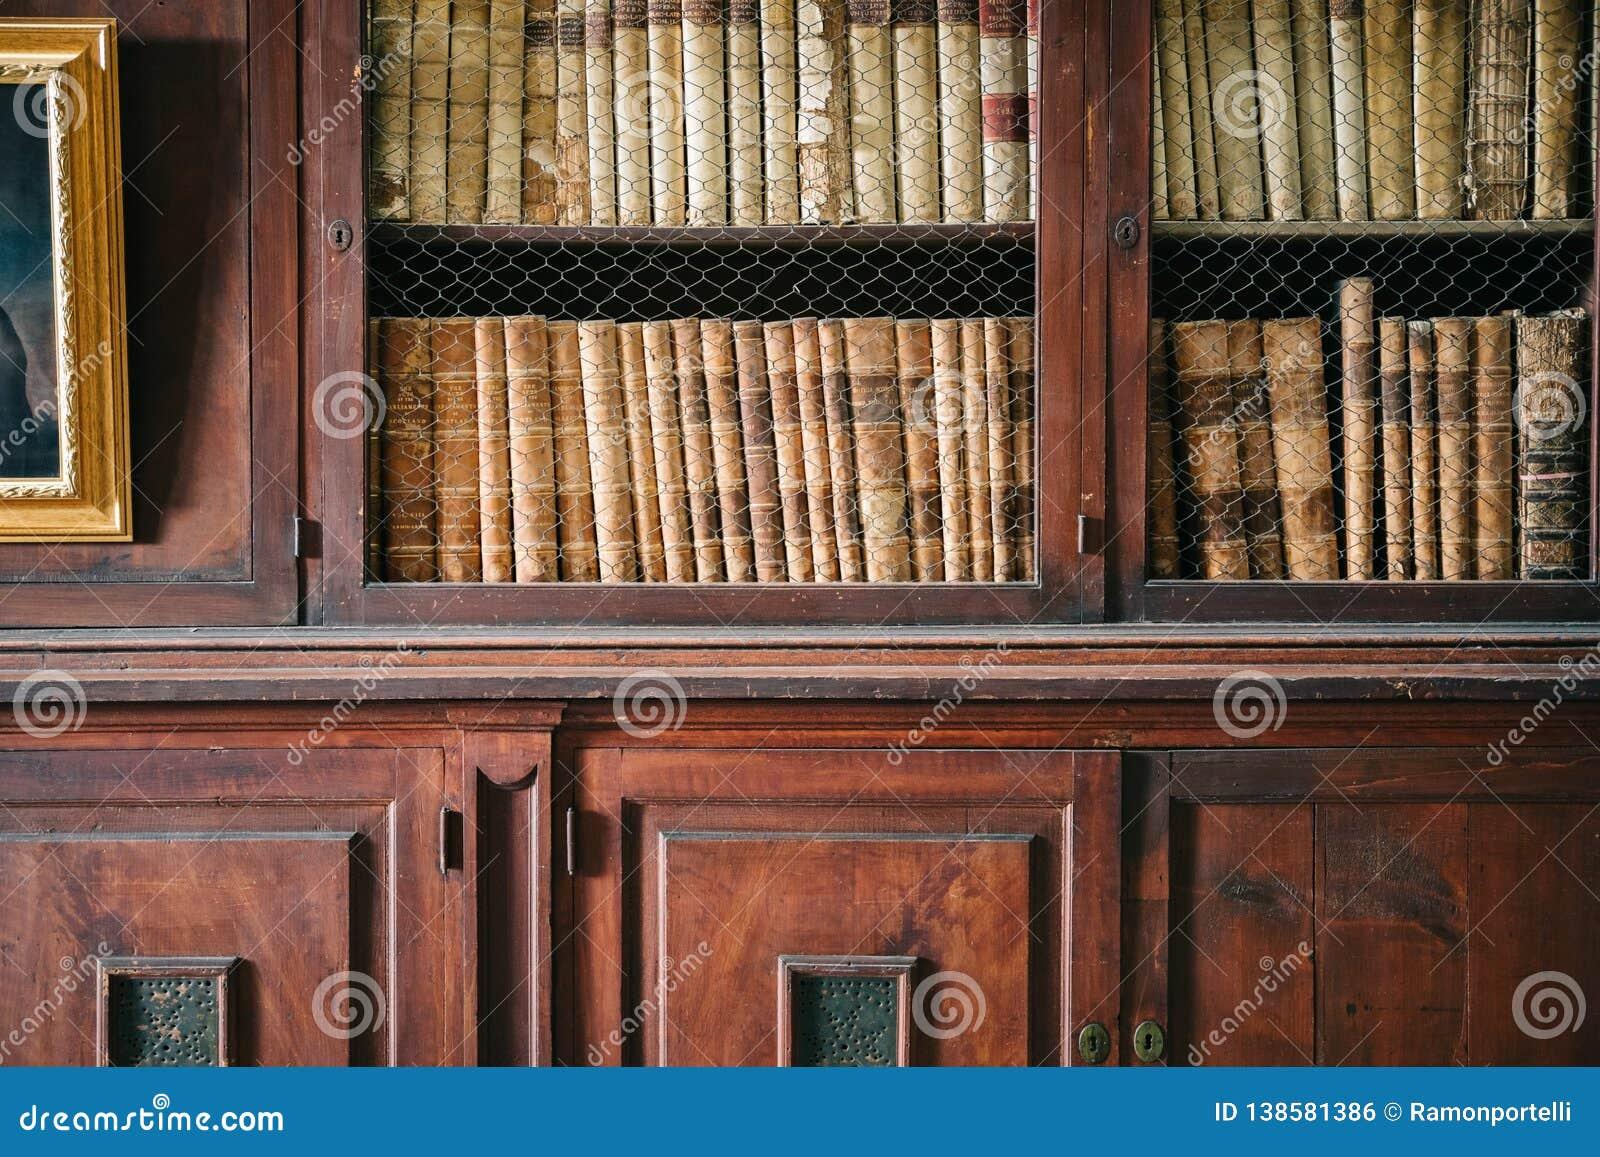 Drewniane kasetonowe ściany i półki w historycznej bibliotece Szczegółu strzał